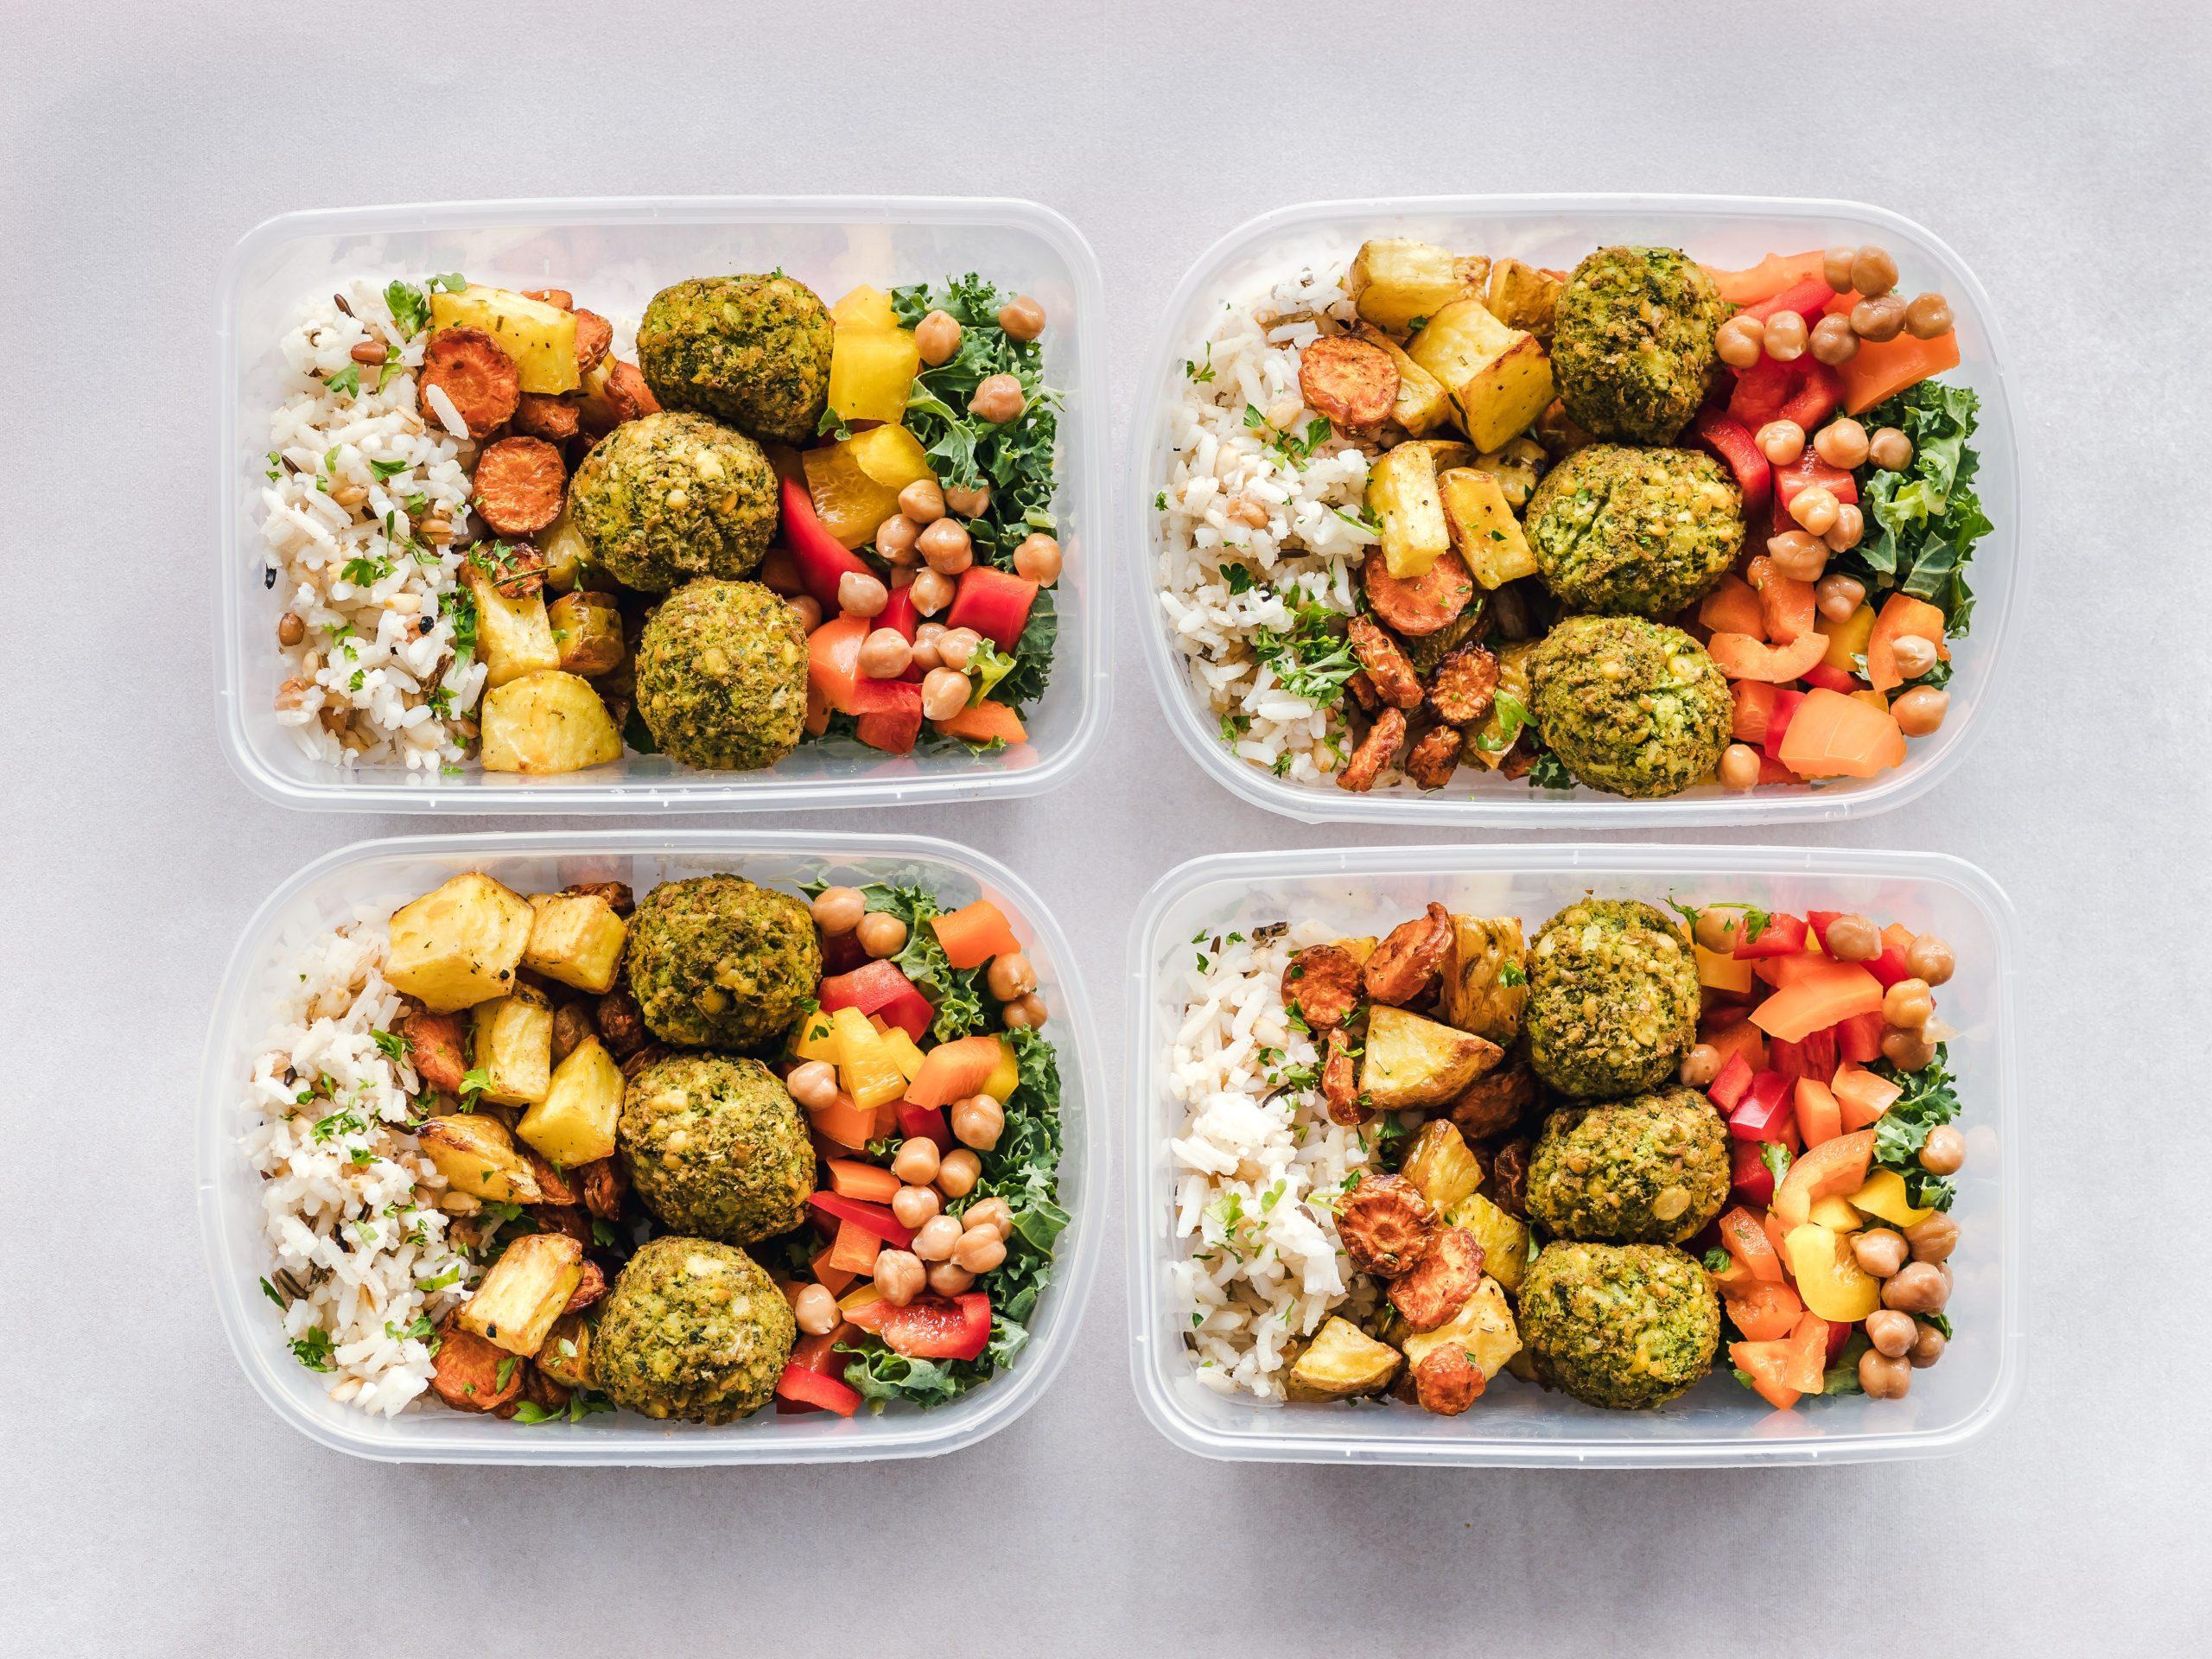 Imagem de potes com refeições.